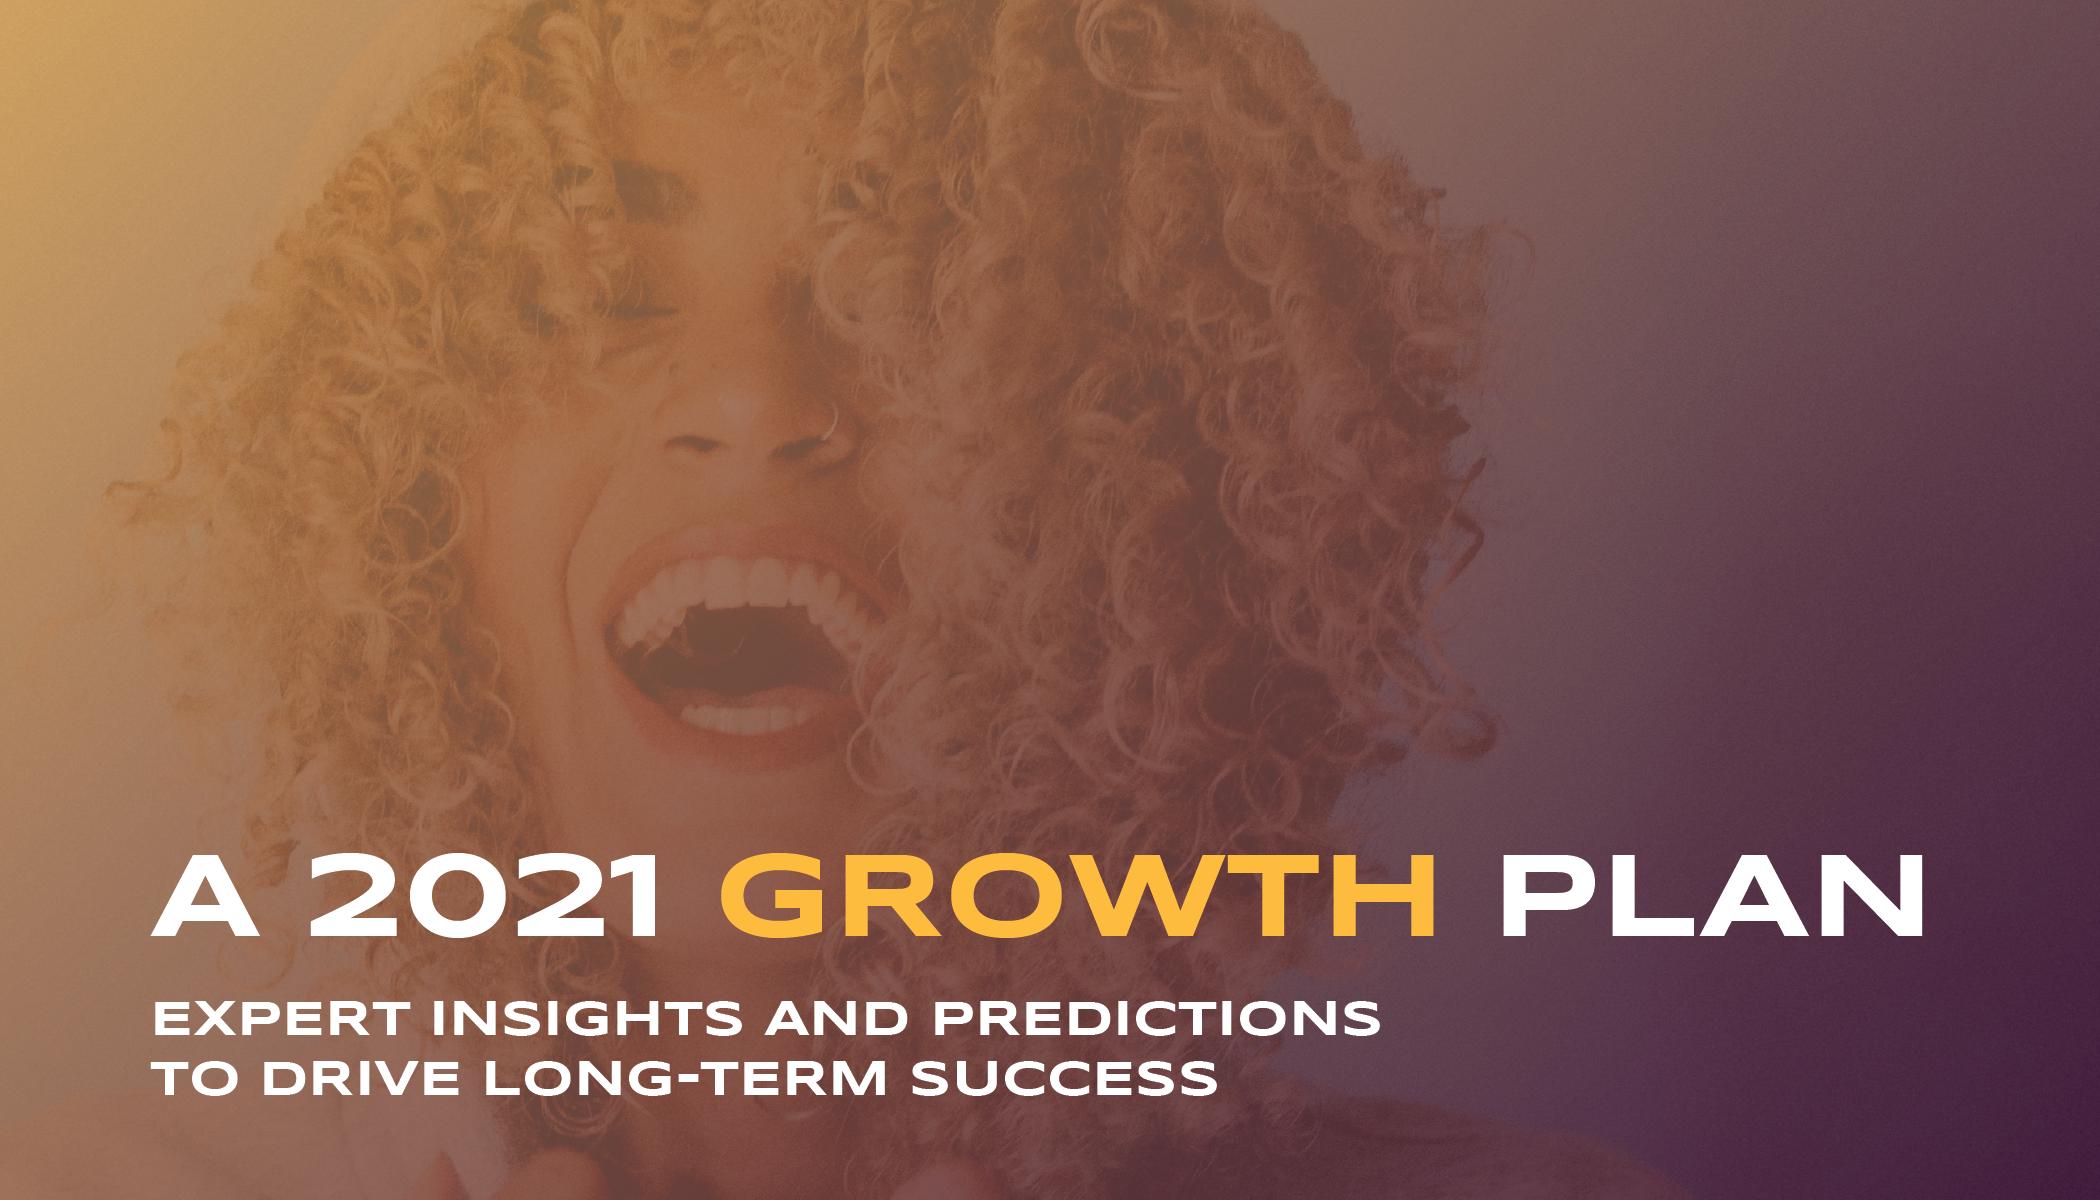 2021 Growth Plan